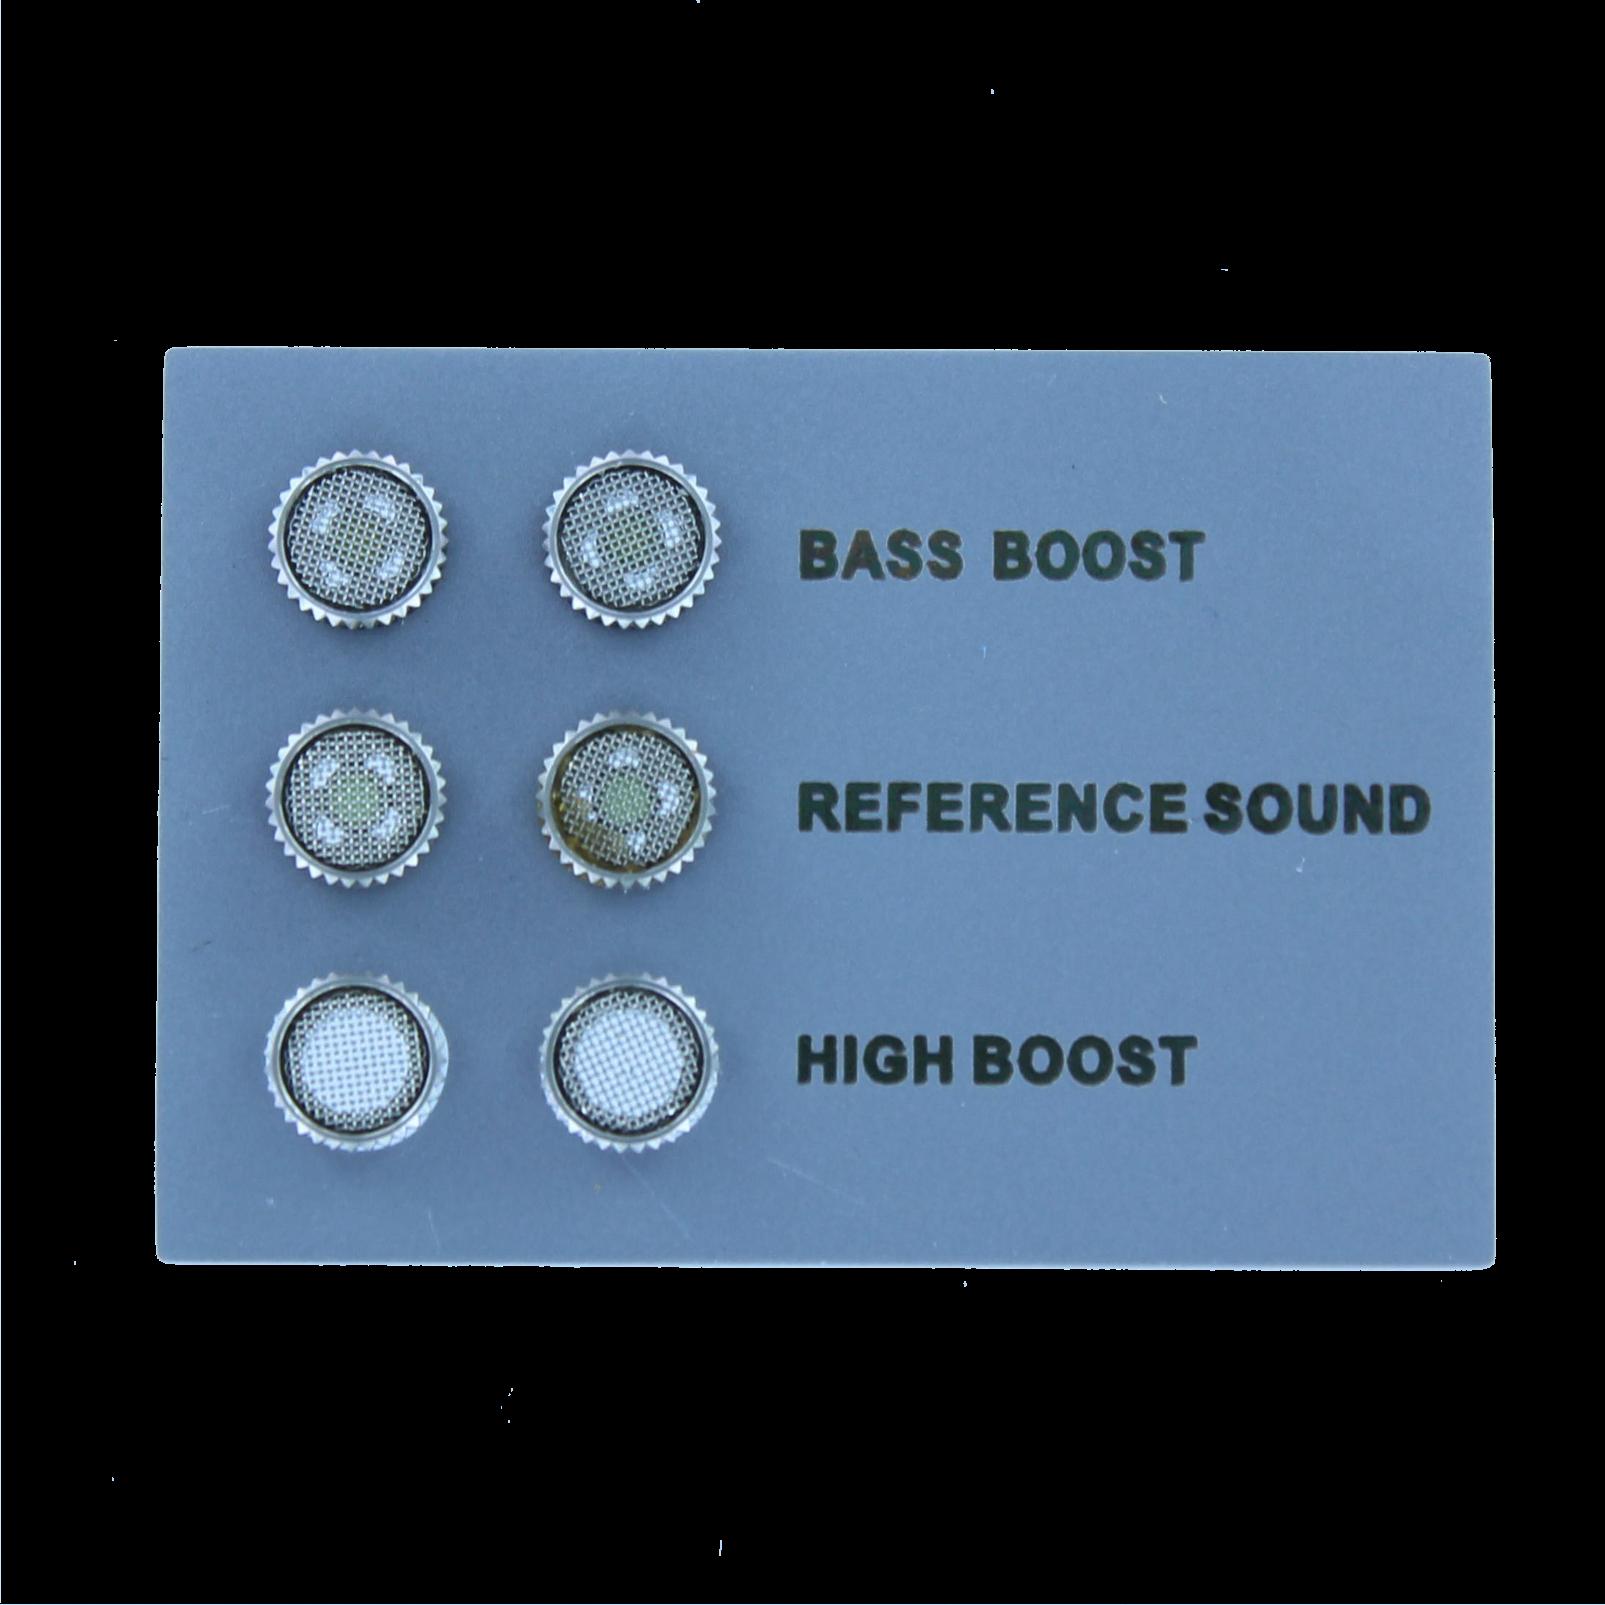 Sound filters, AKG N40